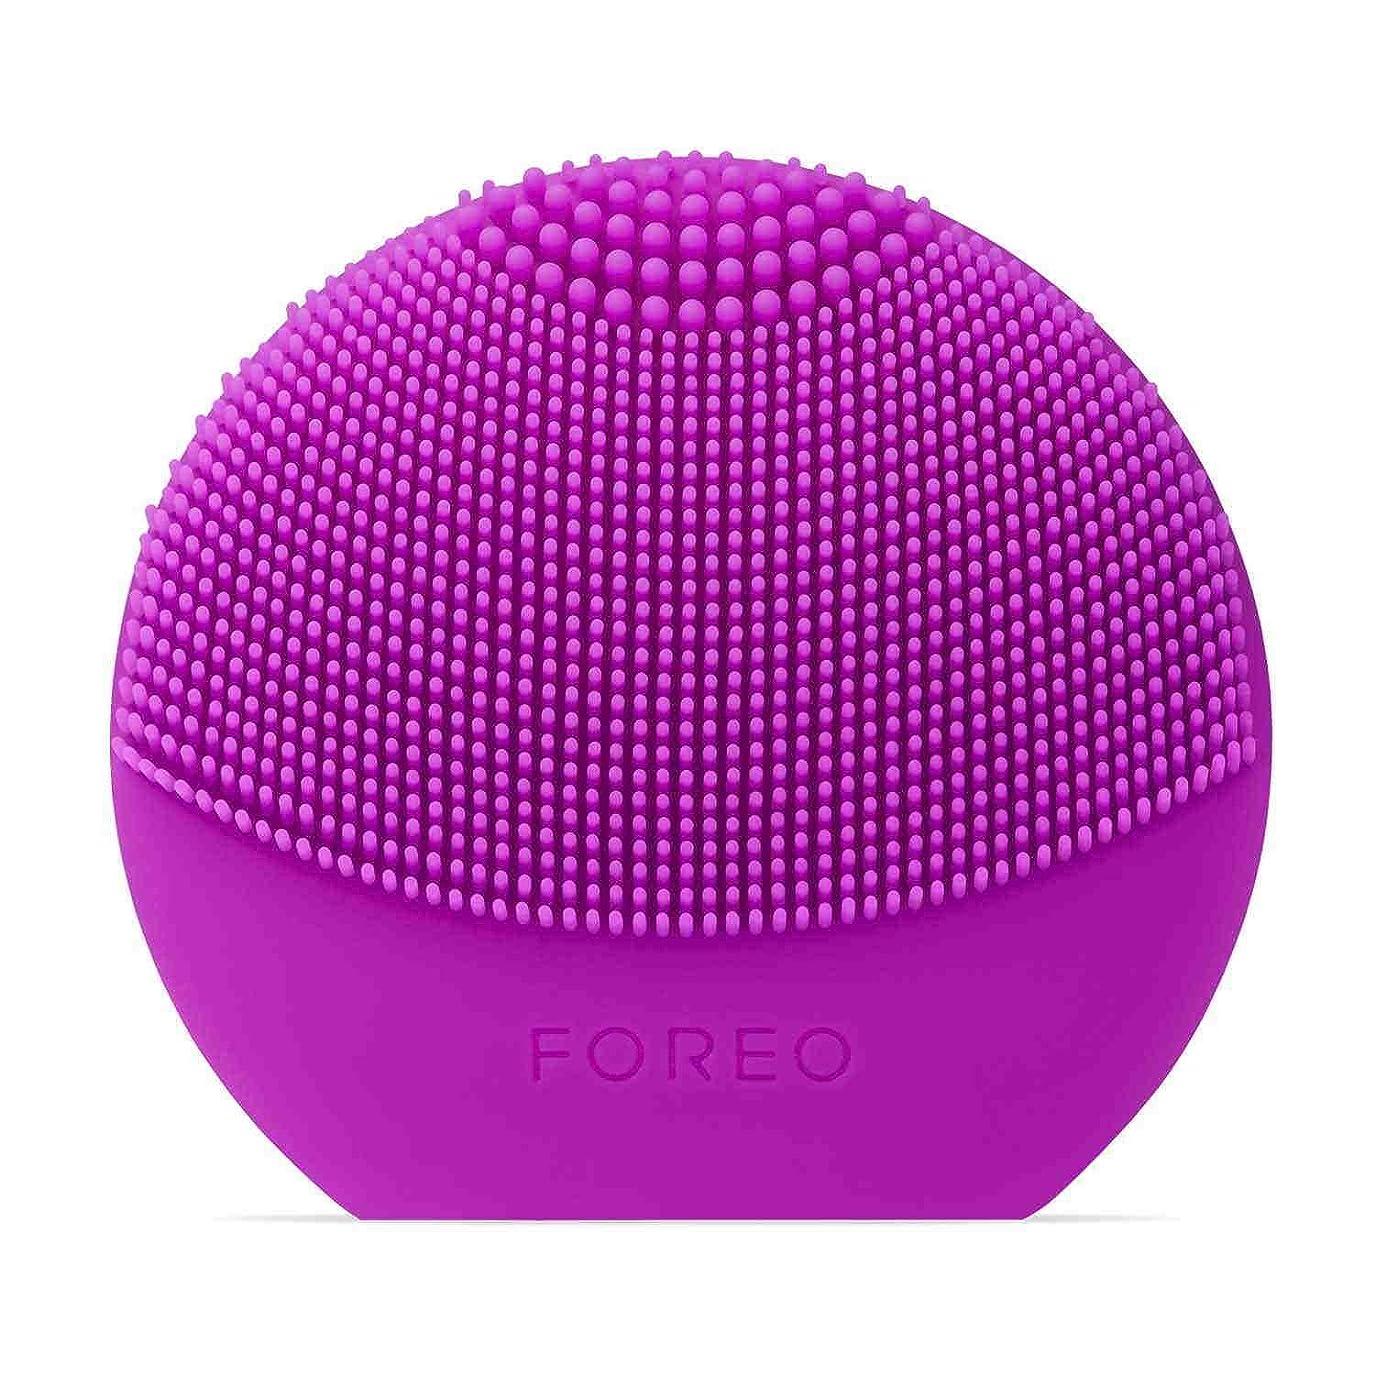 責一過性ブームFOREO LUNA Play Plus パープル シリコーン製 音波振動 電動洗顔ブラシ 電池式